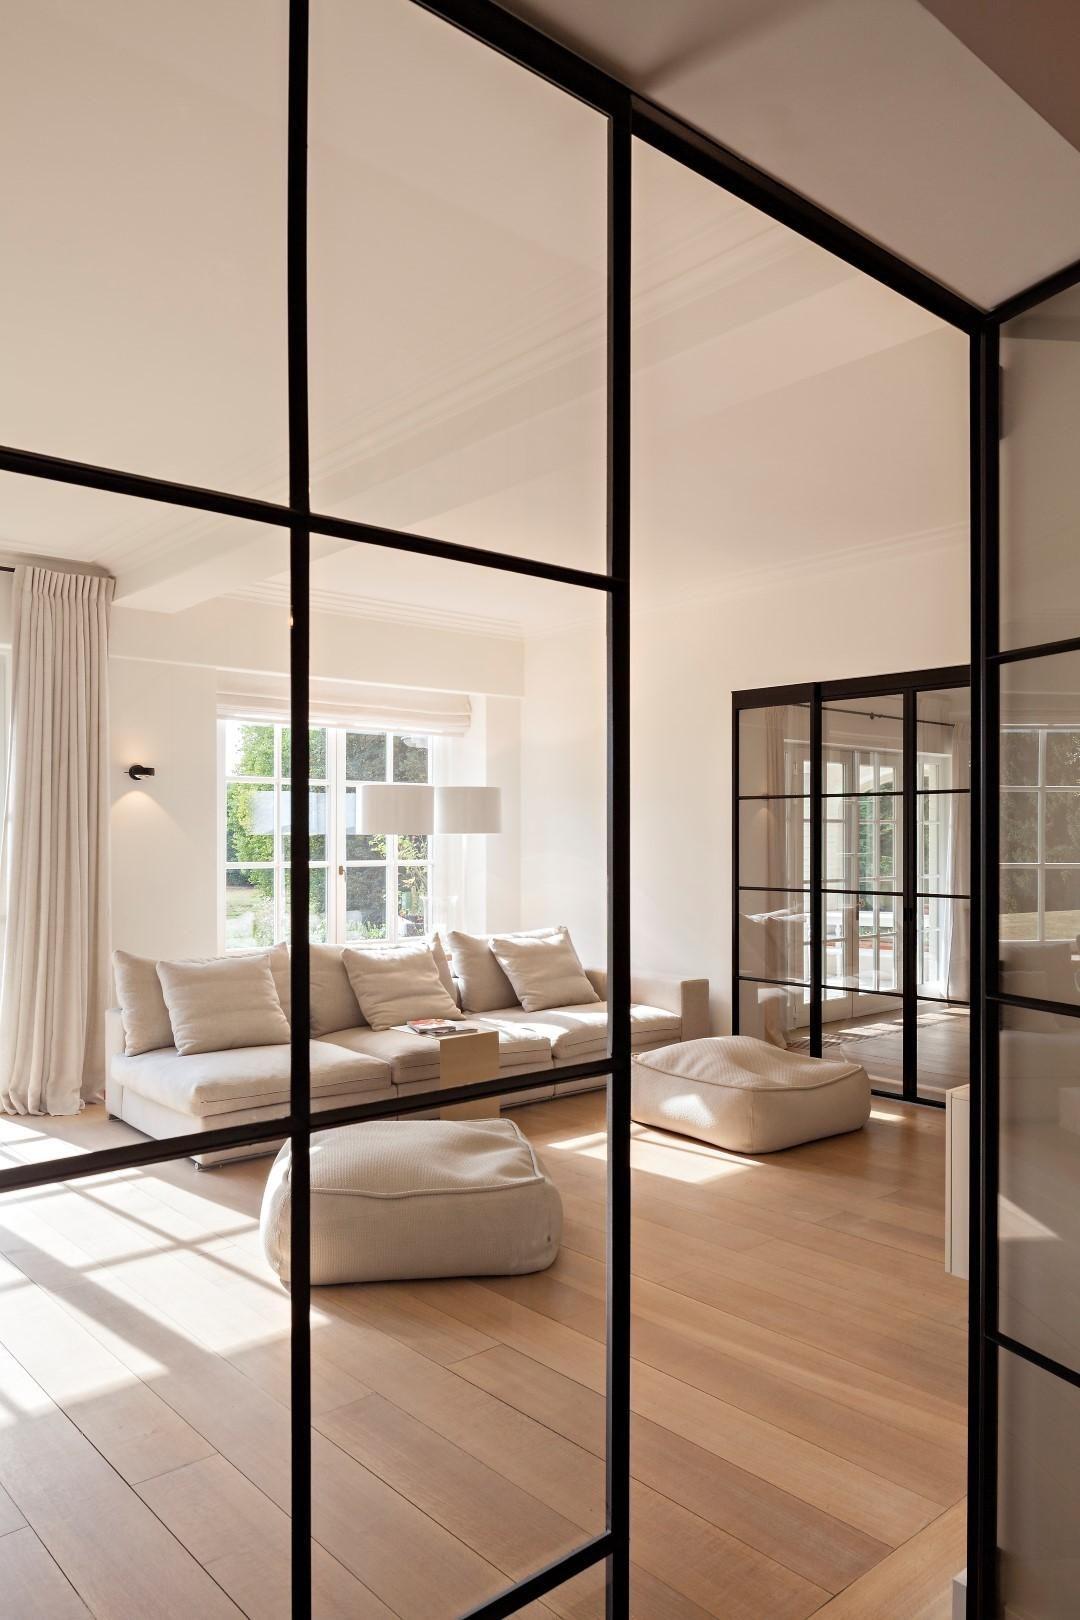 Hedendaagse renovatie van een klassieke villa   Bonne   Pinterest ...